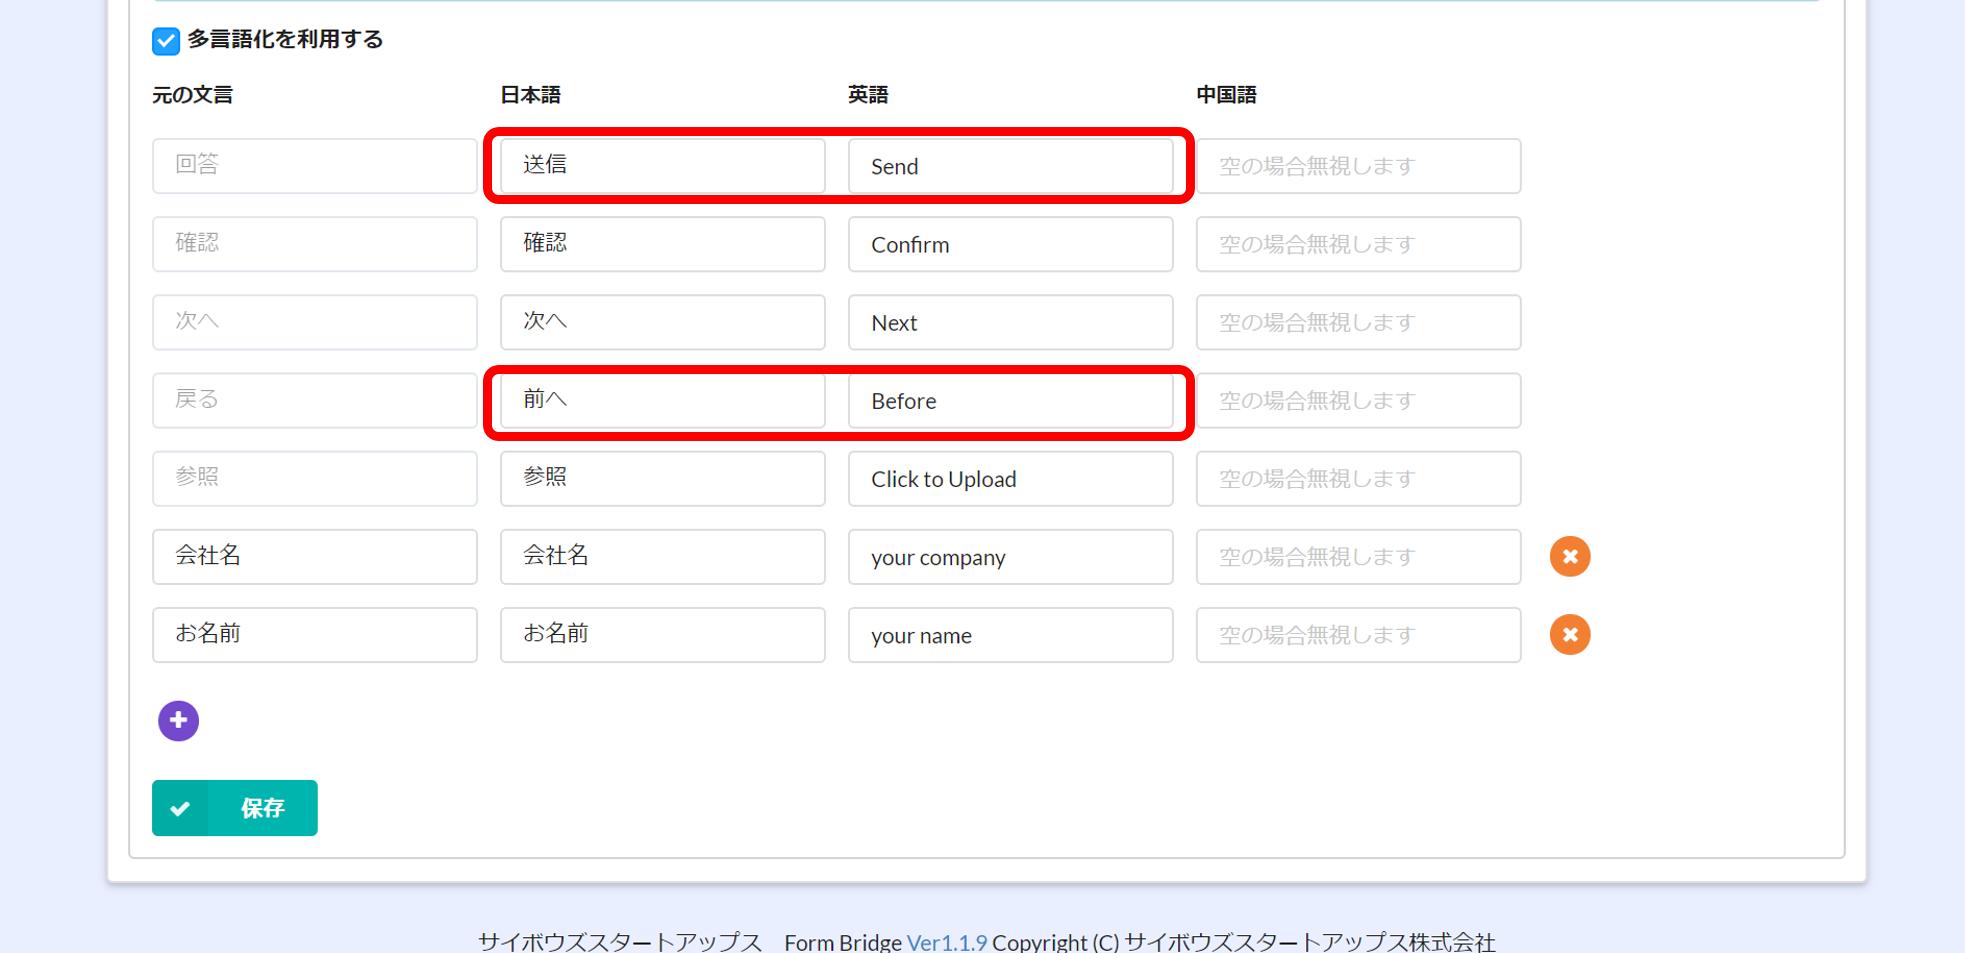 kintoneapp BLOGボタンの文言変更も!! ~フォームブリッジの「多言語化」~「回答フォームの文言の言語を、ブラウザの言語設定に応じて変更できる!」「回答フォームの固定文言を変更できる!」「フォームタイトルや完了画面のメッセージを変更できる!」まとめ記事検索連携製品別記事一覧カテゴリ最近の投稿執筆者kintone連携サービス各種サービスのホームページへ